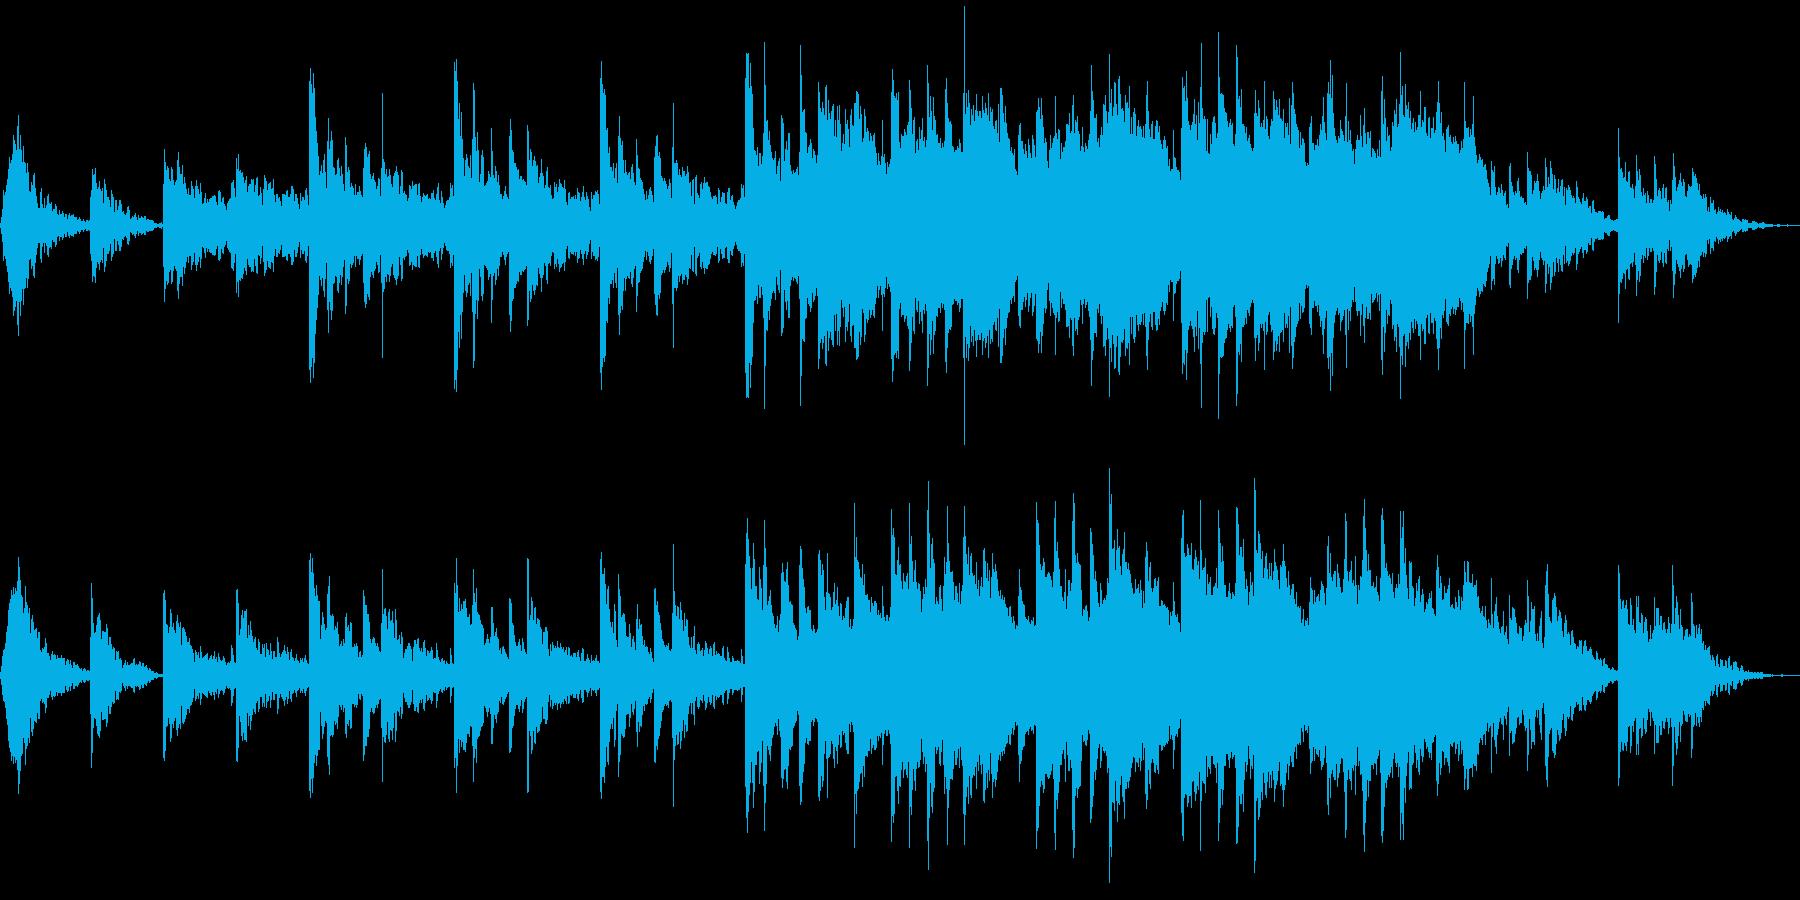 幻想的で広がりのある和風楽曲の再生済みの波形